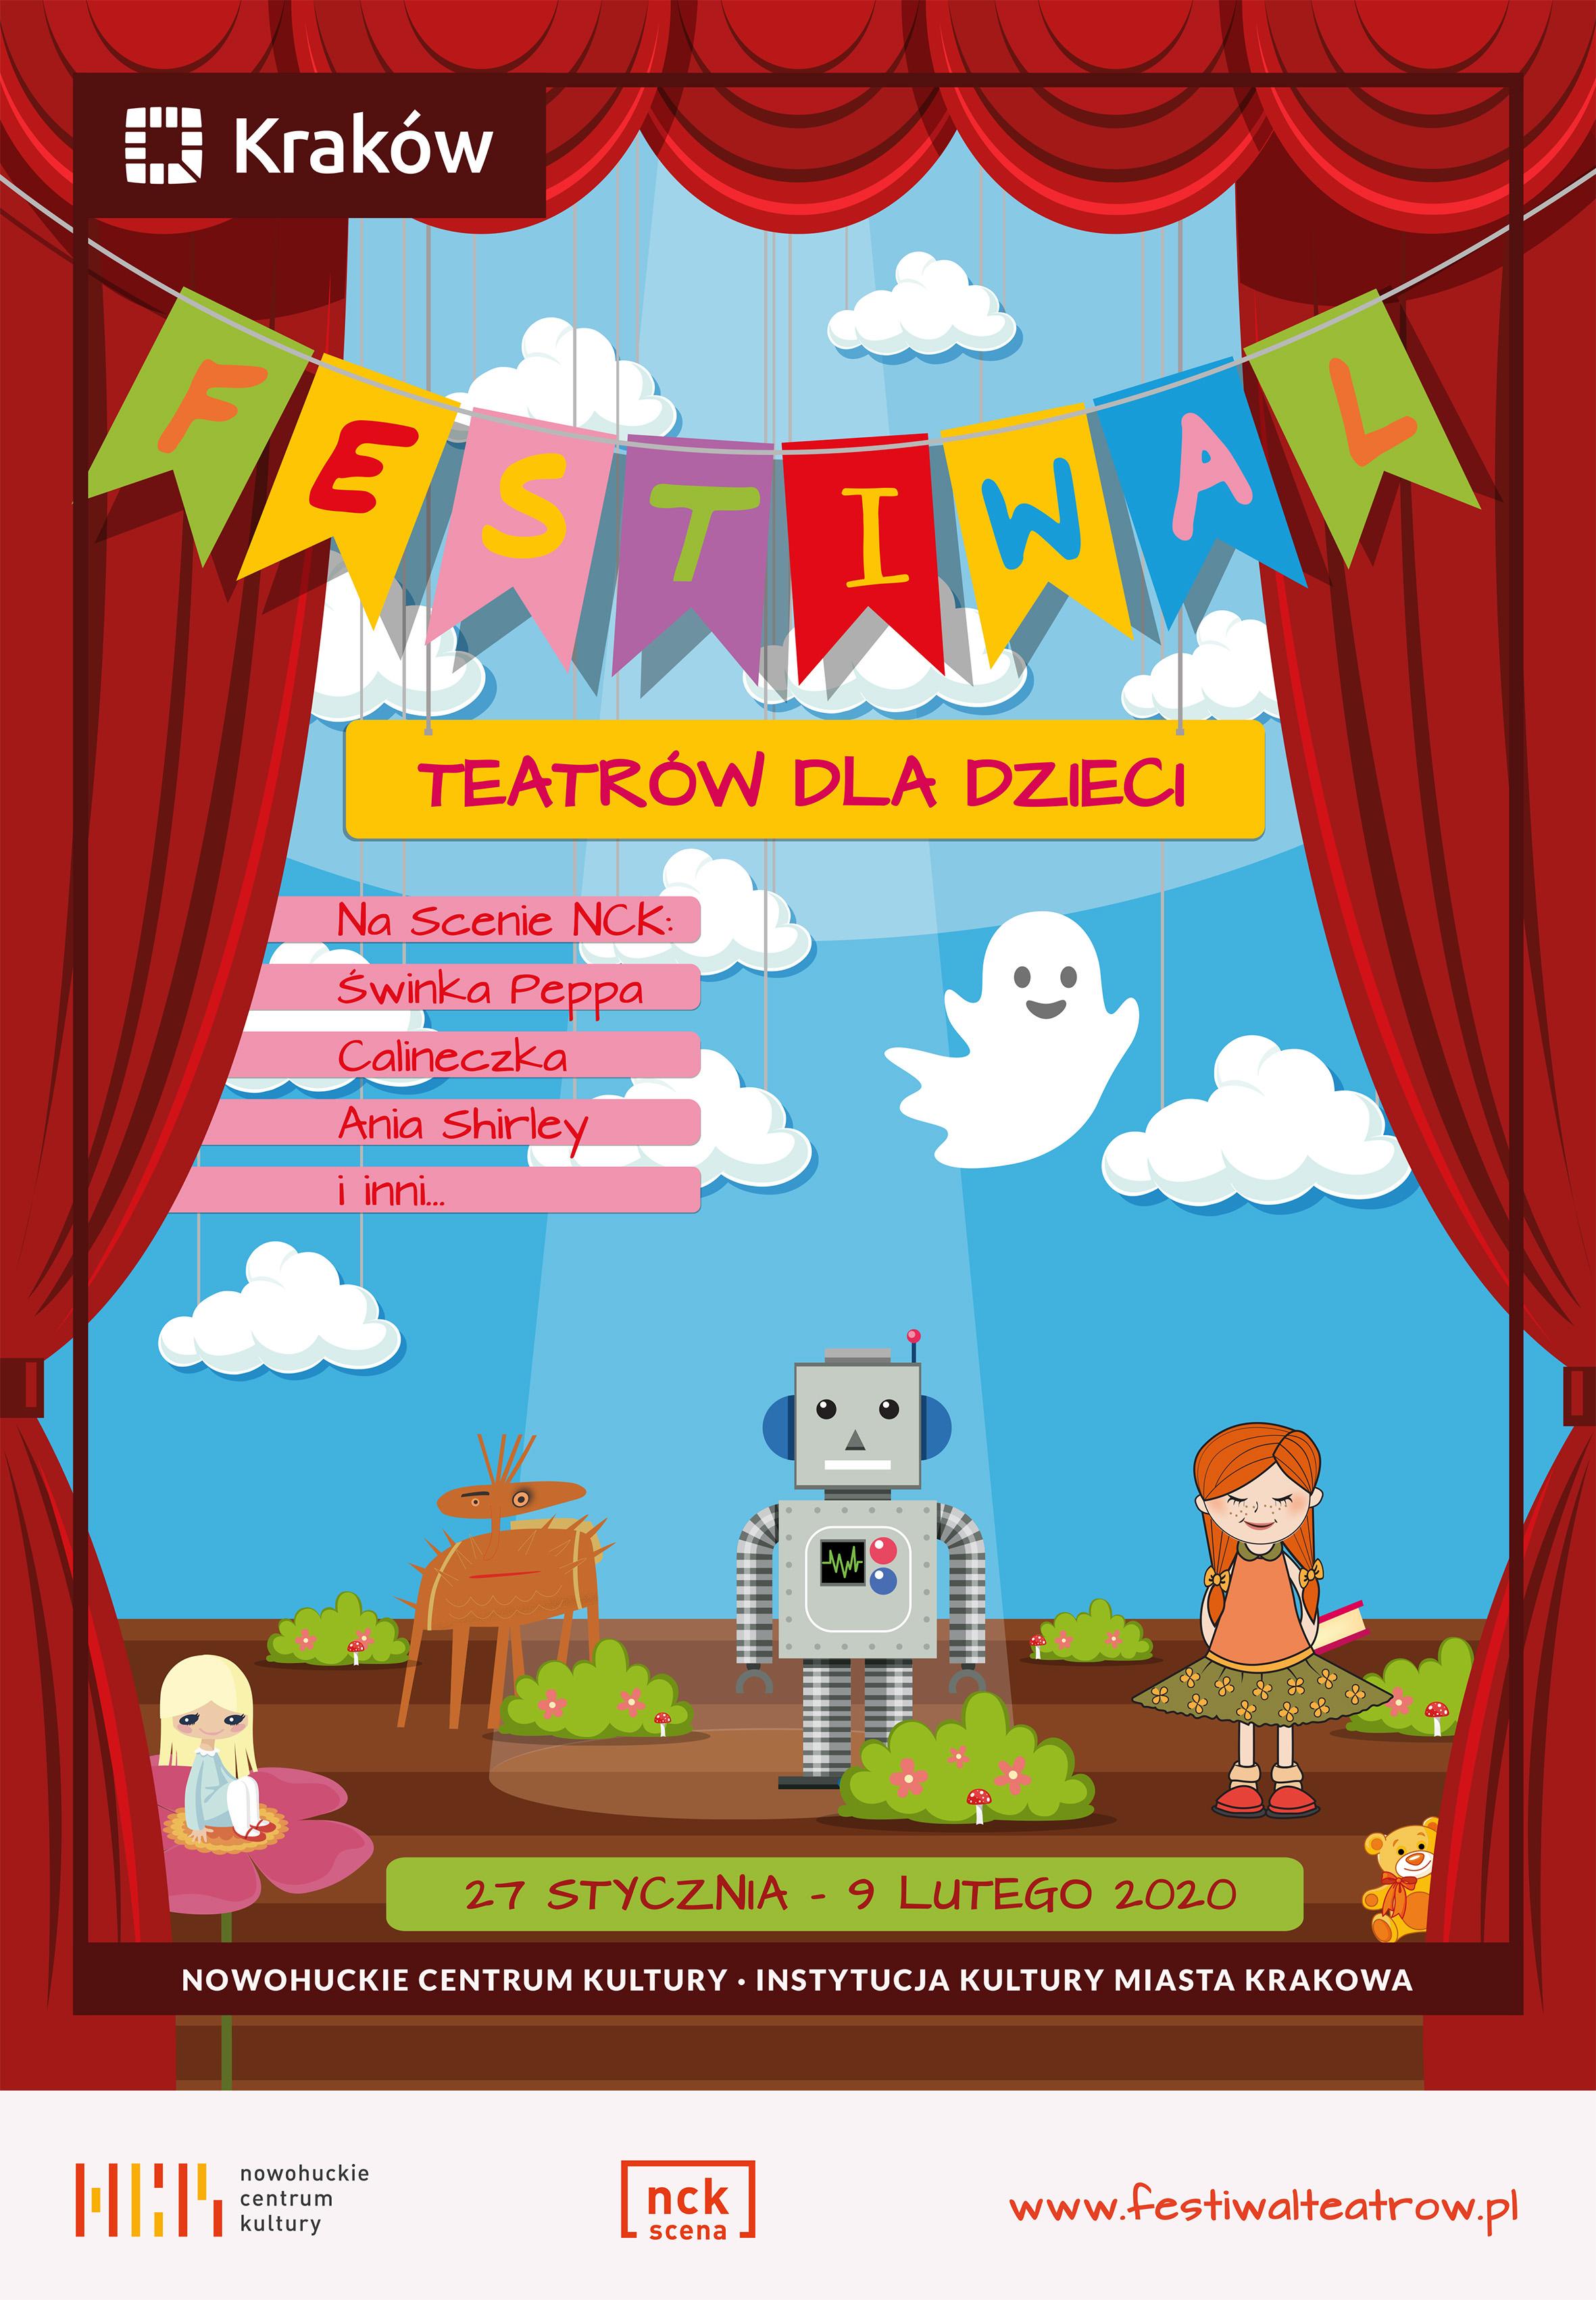 Festiwal Teatrów dla Dzieci w NCK - teatralne święto dla młodych widzów!